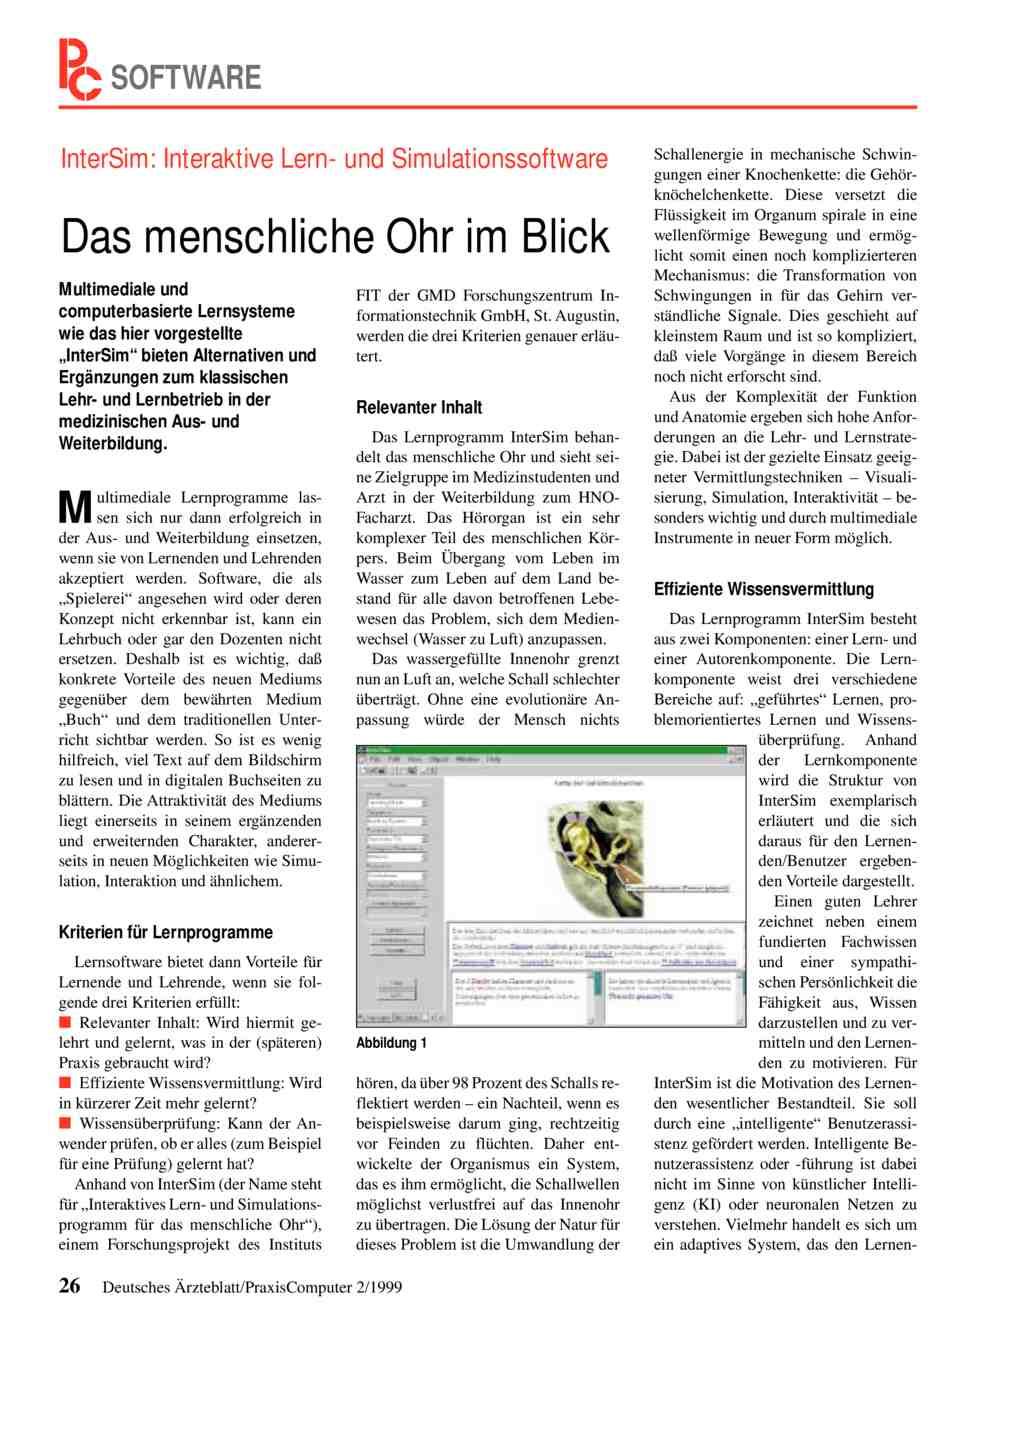 InterSim – Interaktive Lern- und Simulationssoftware: Das ...